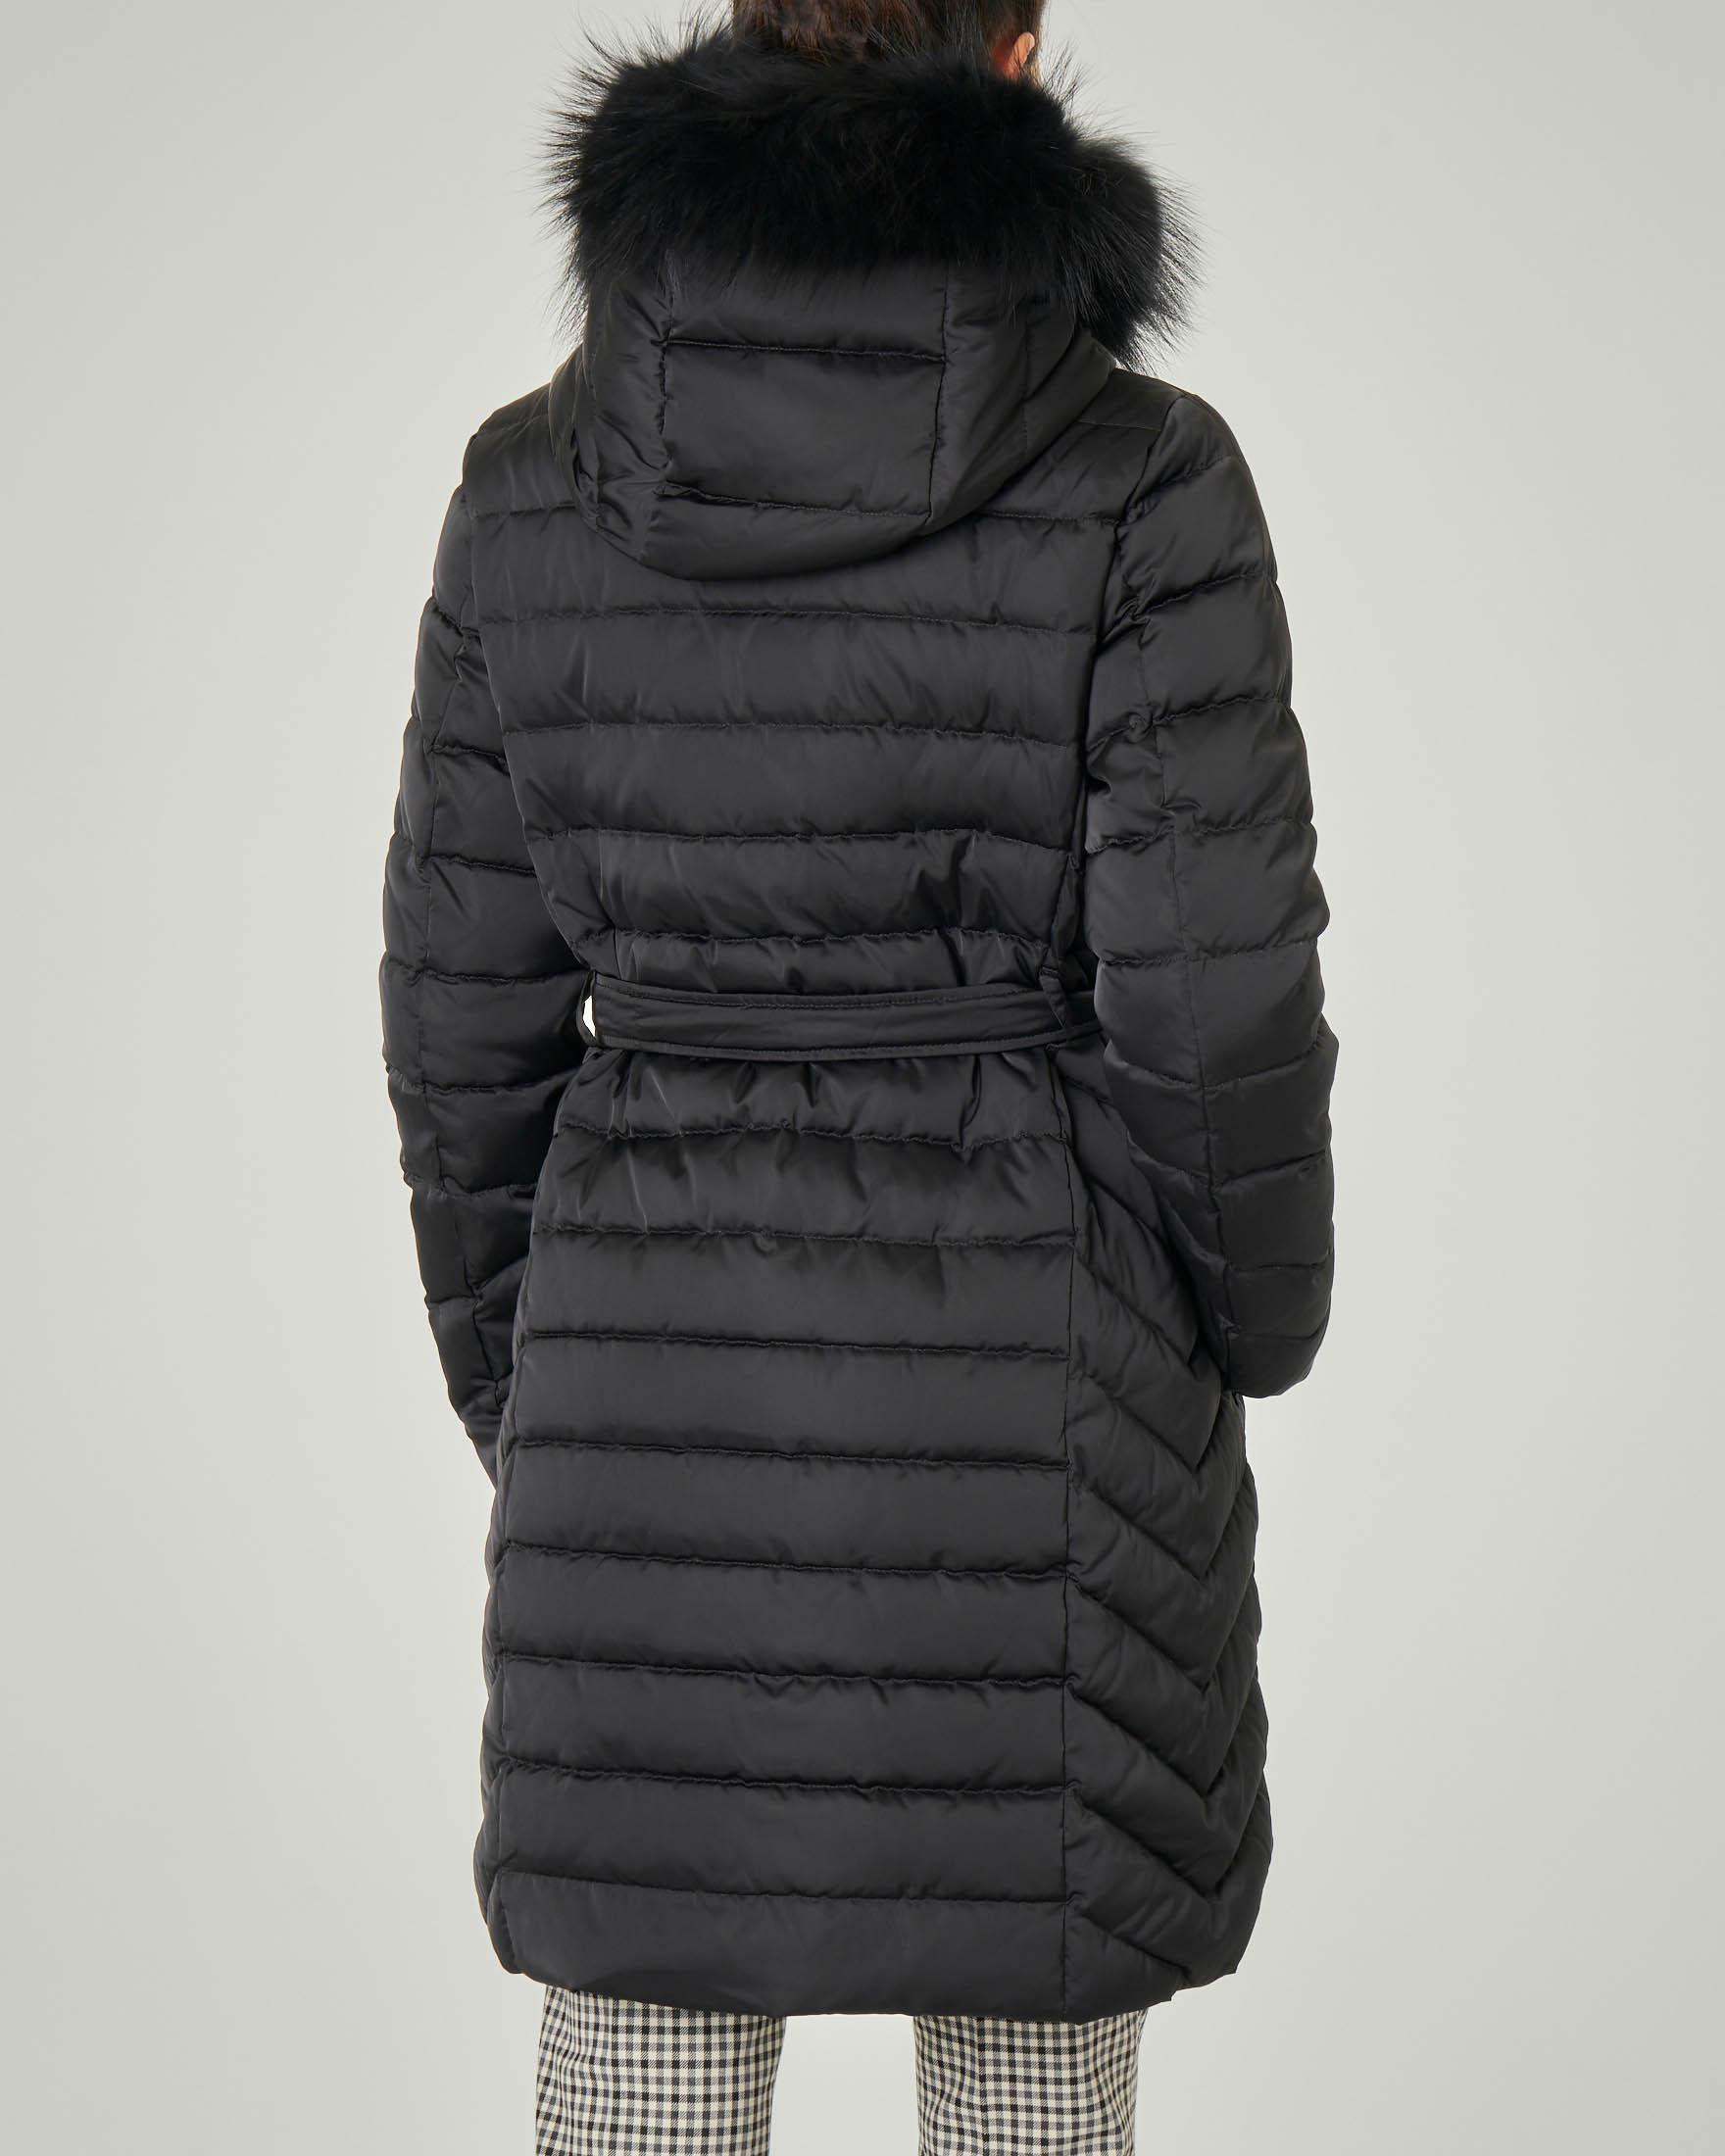 Piumino lungo nero doppiopetto in tessuto cangiante e cappuccio con bordatura in pelliccia removibile | Pellizzari E commerce